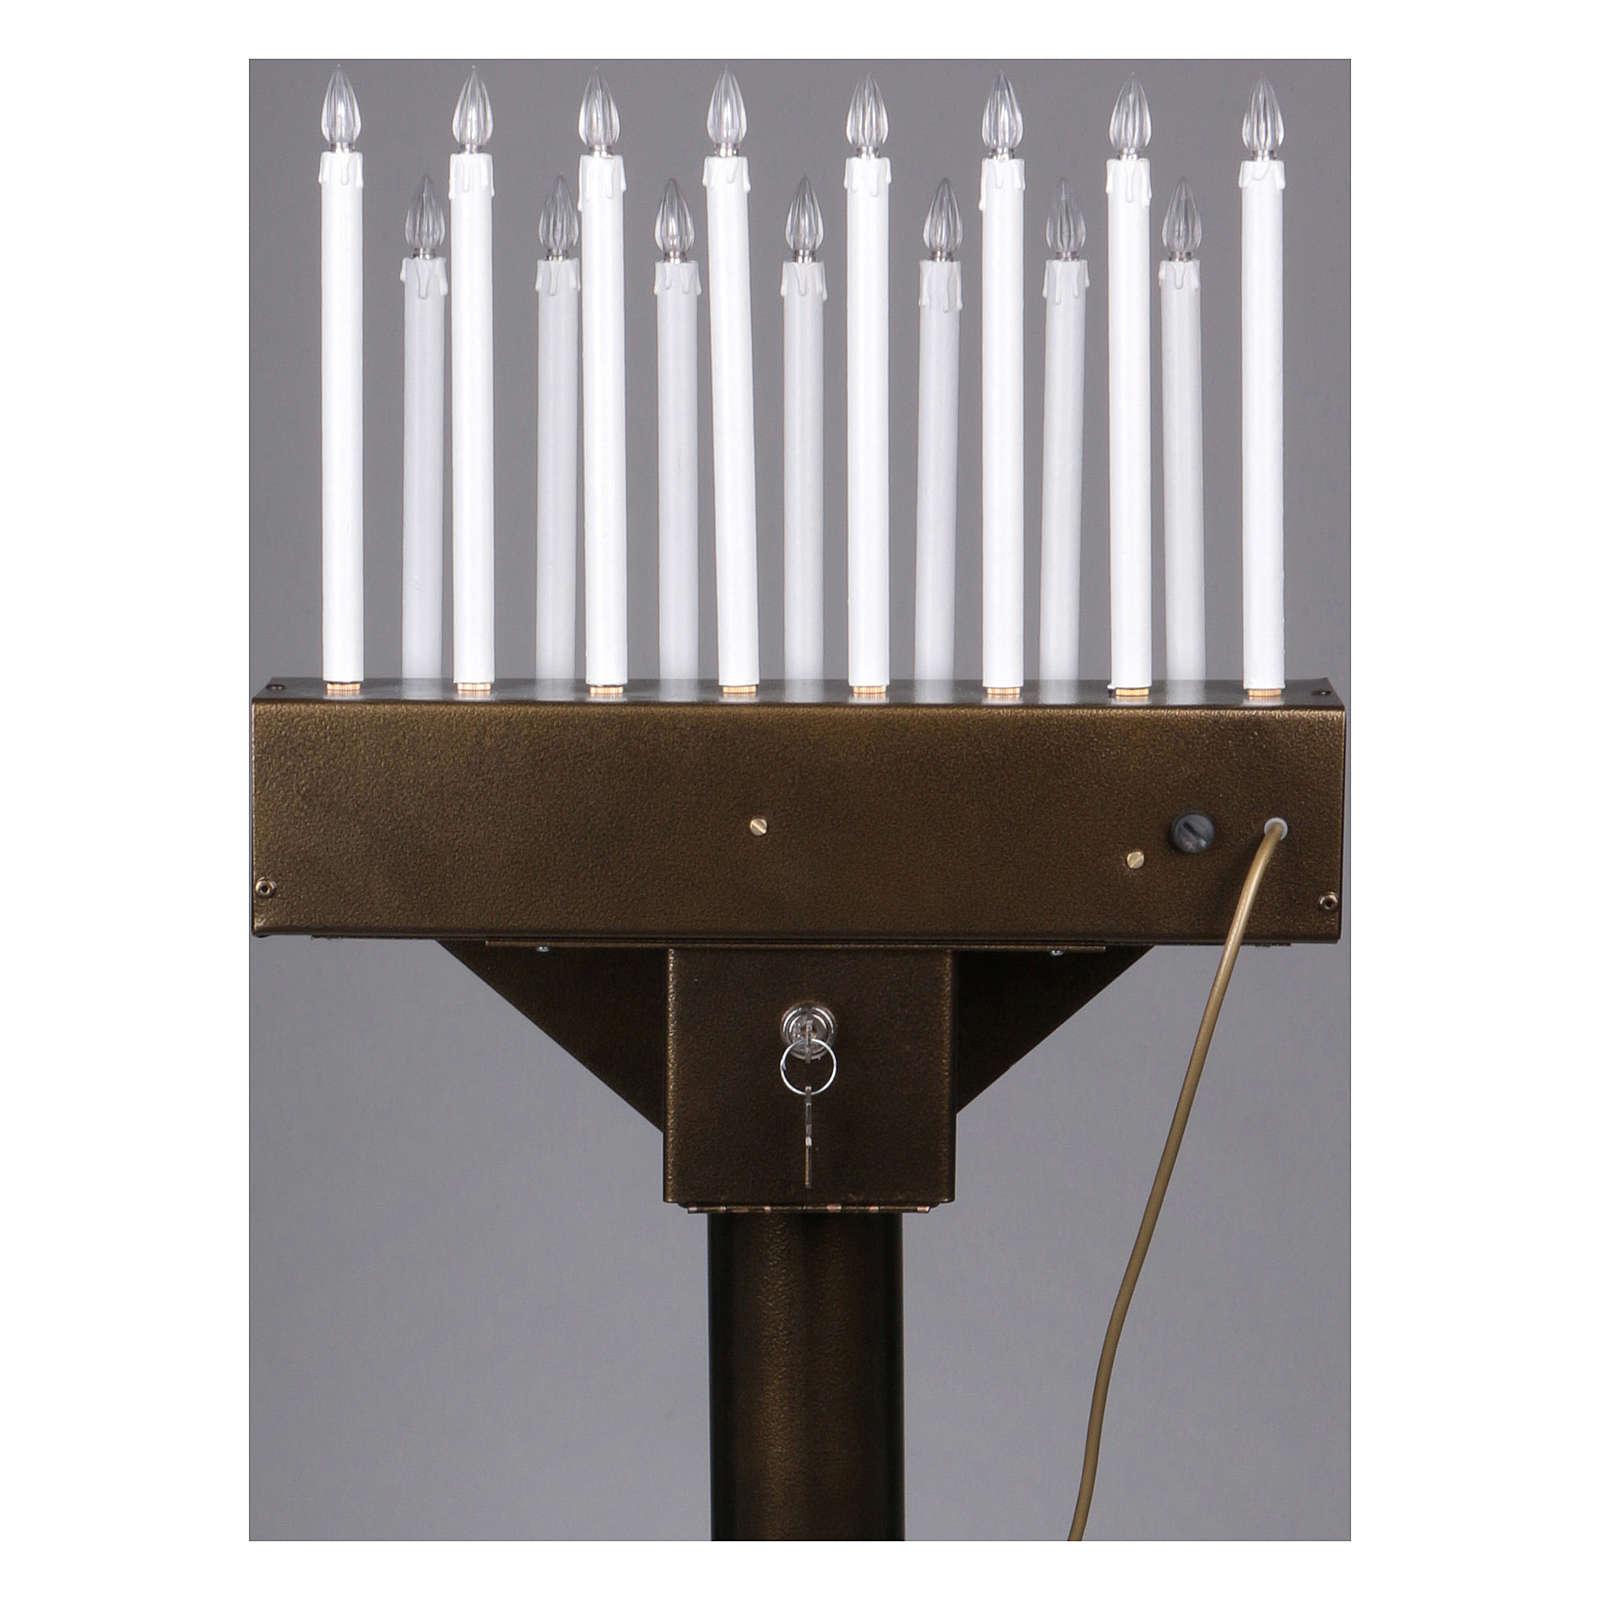 Votivo elettrico offerte a 15 candele lampadine 12 V pulsanti 4